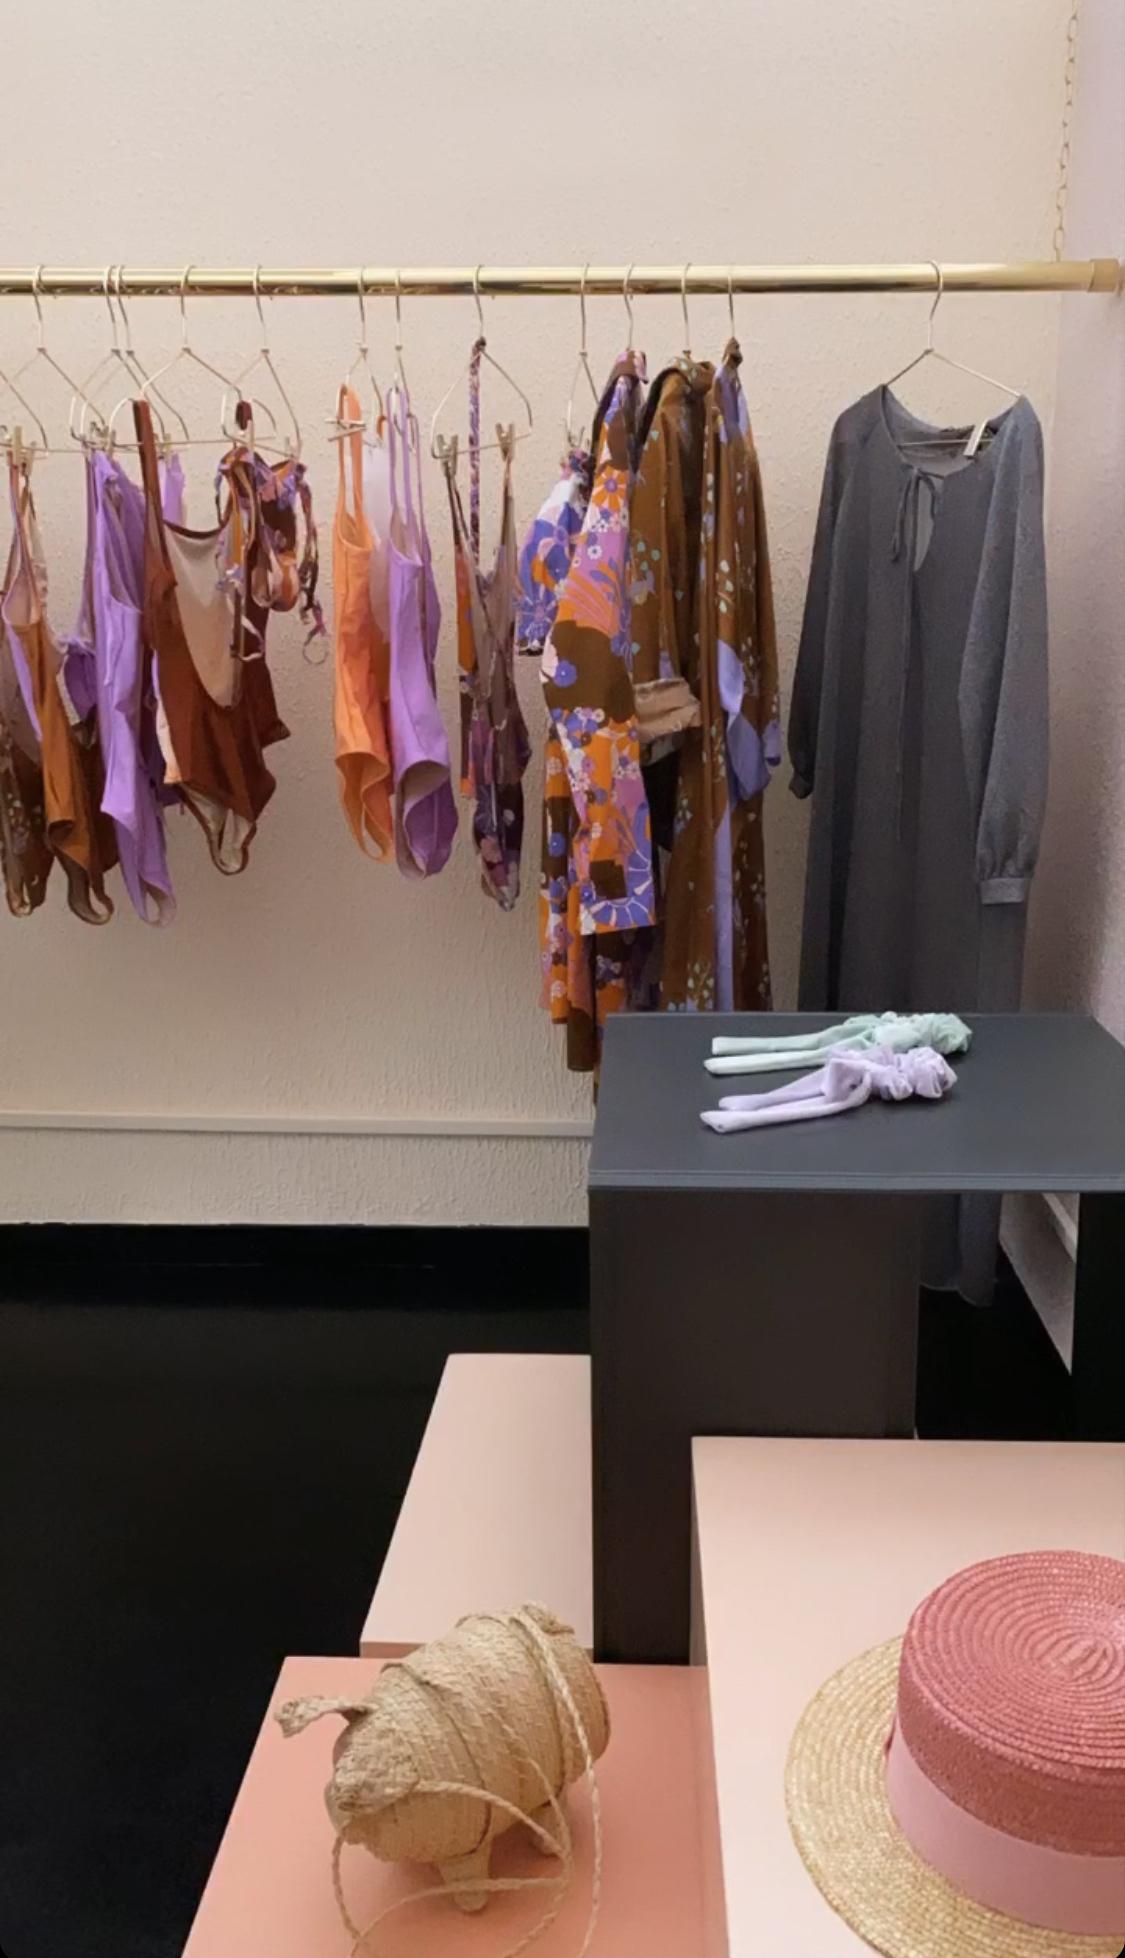 arredi di design in stile minimale e colorati per negozi e showroom